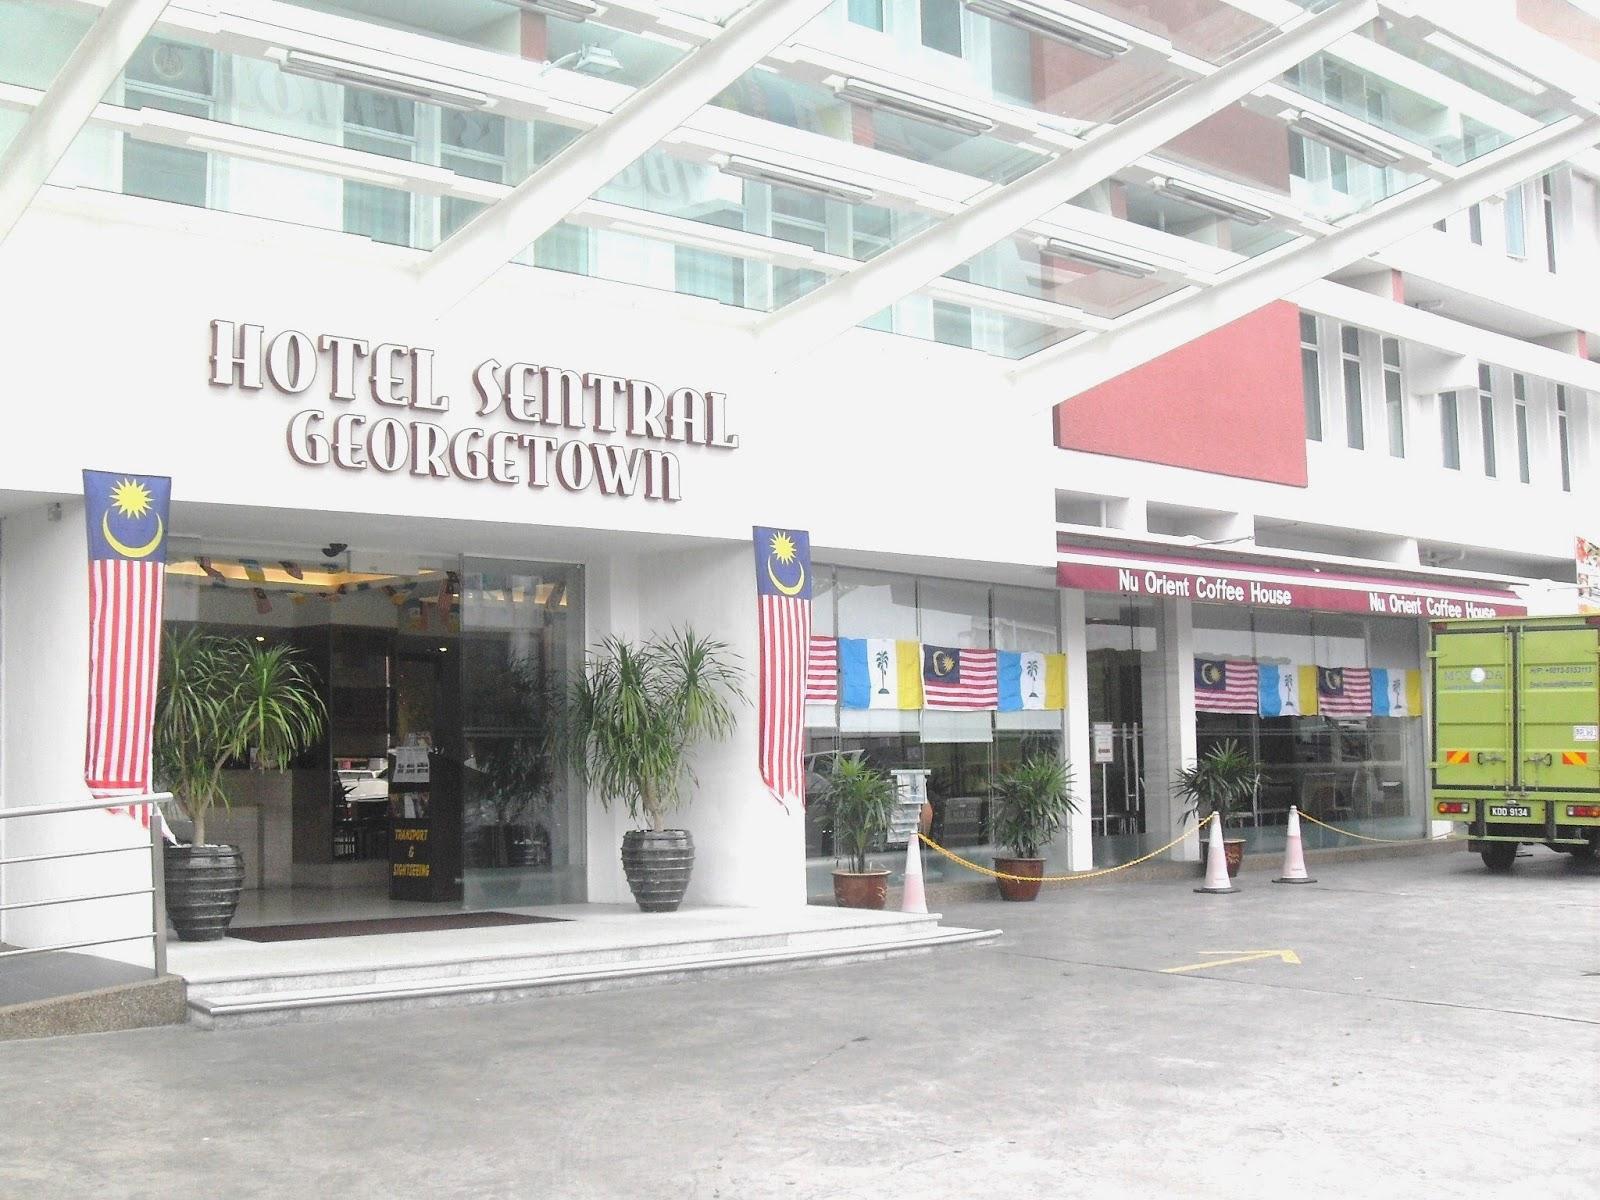 Hotel Sentral Johor Bahru Freedom Lc Life Hotel Sentral Georgetown Lorong Kinta Penang